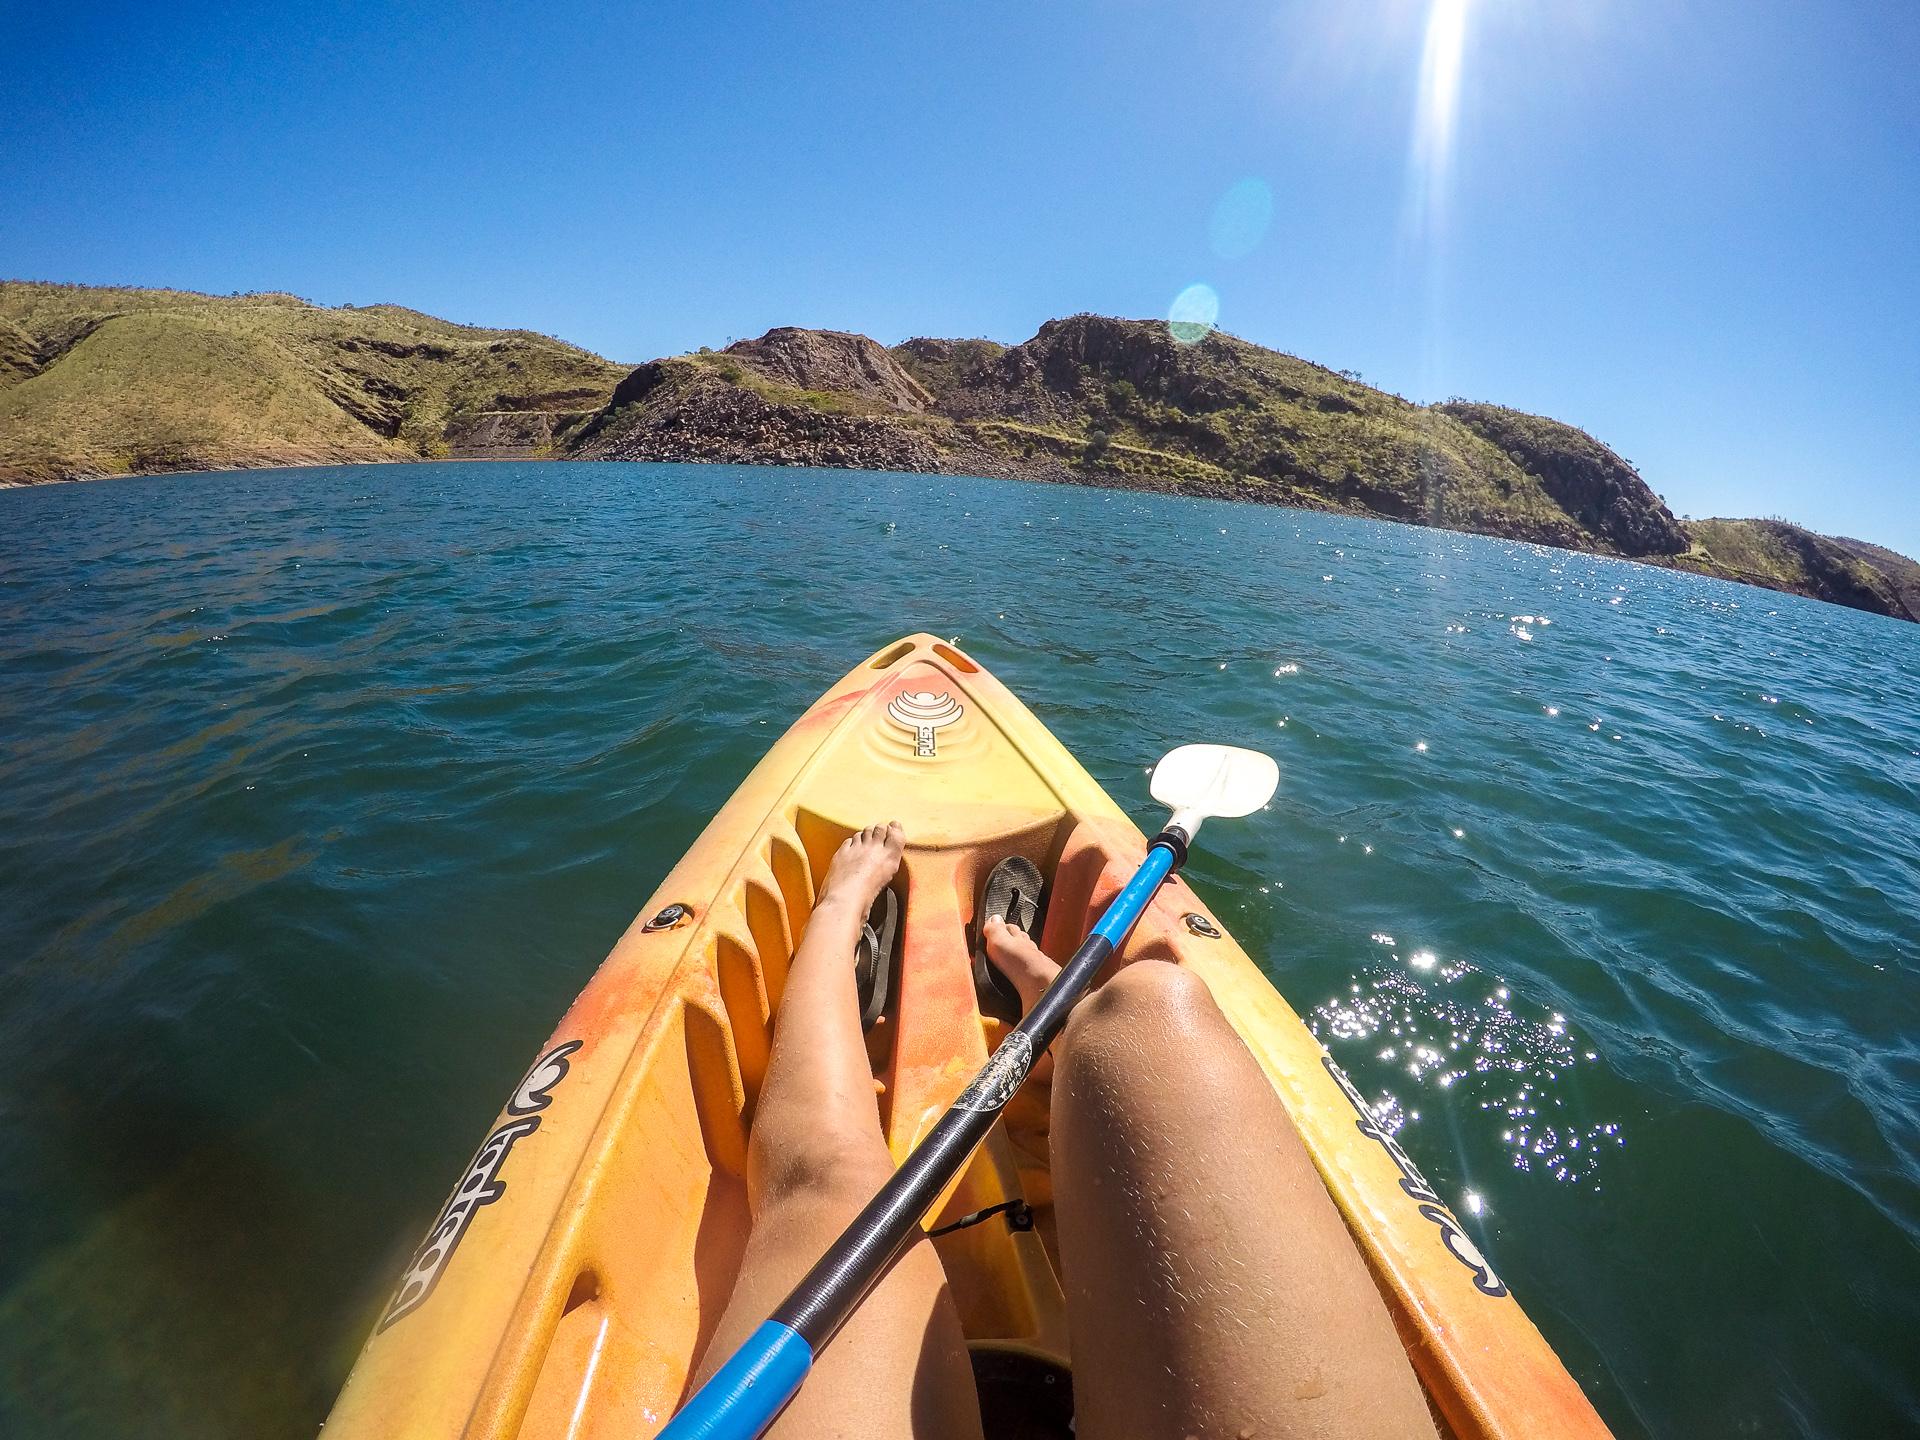 Lake Argyle mit dem Kanu